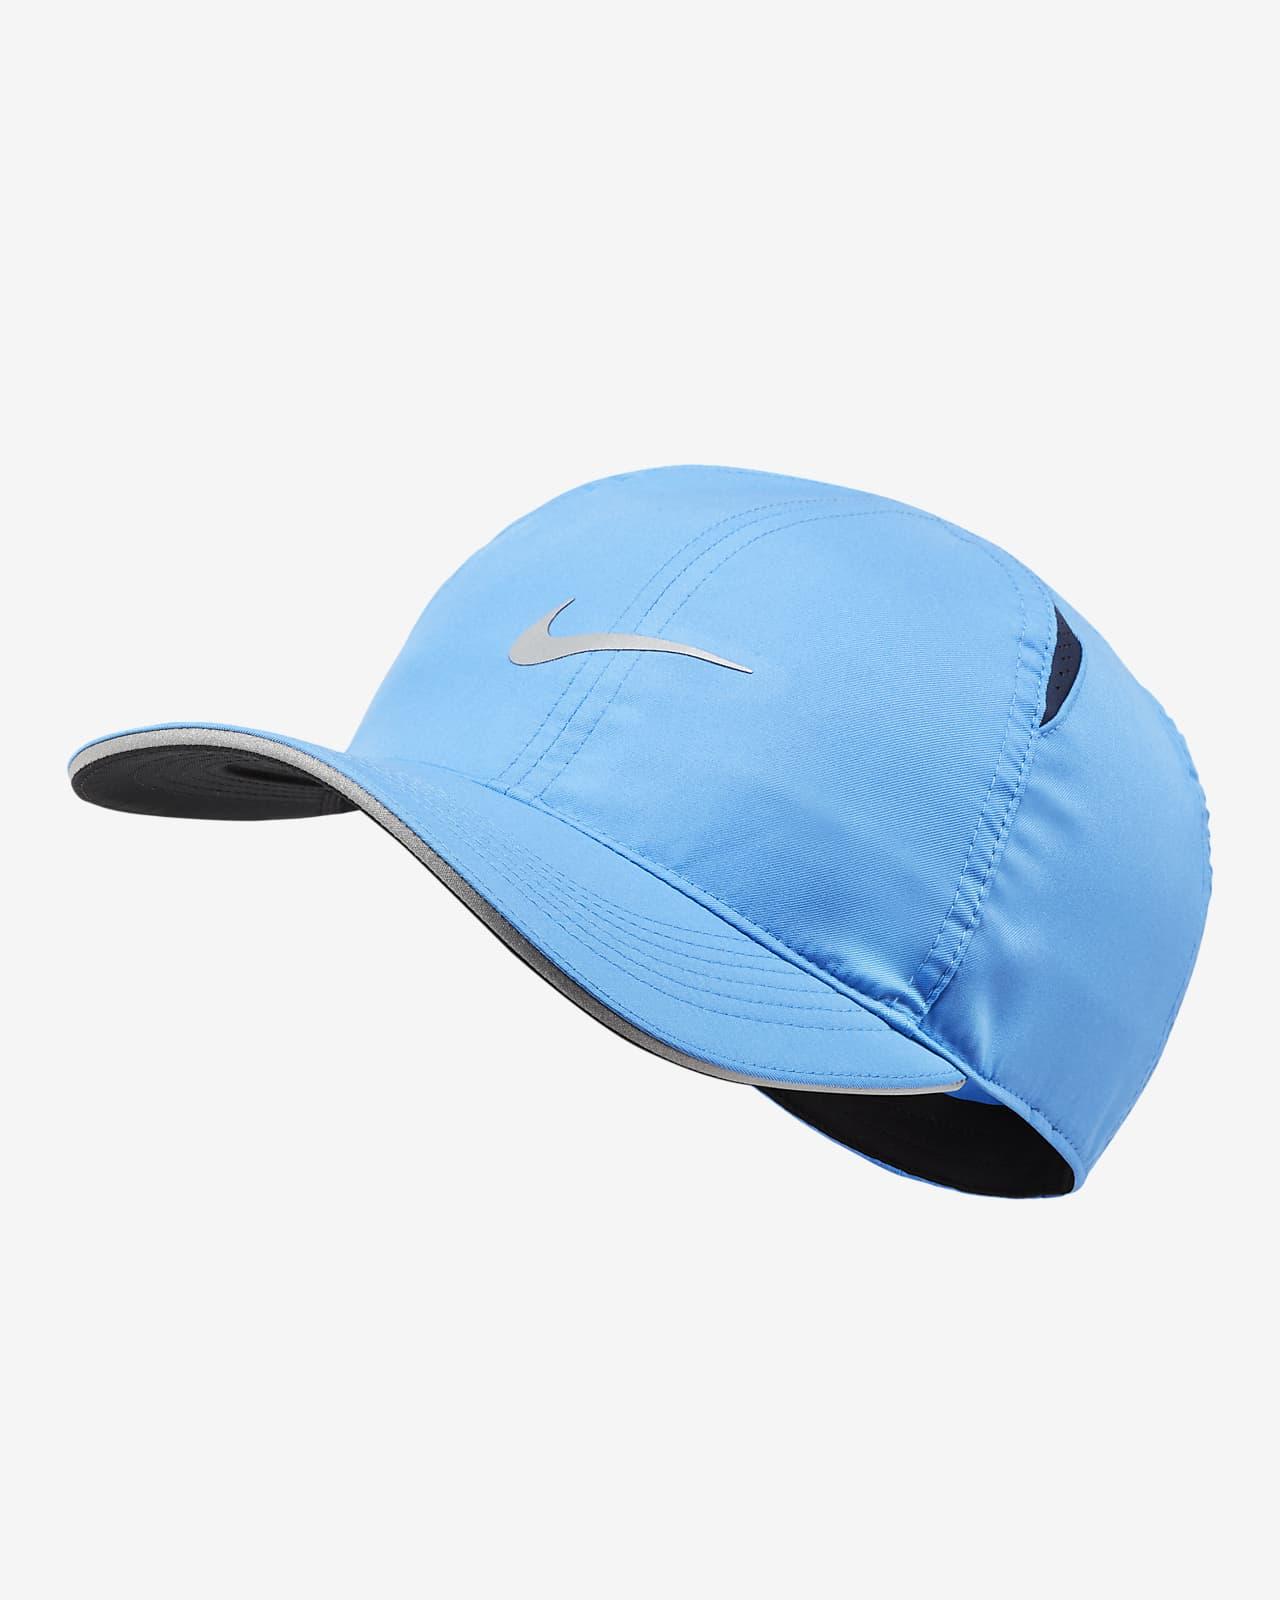 หมวกแก๊ปวิ่ง Nike AeroBill Featherlight